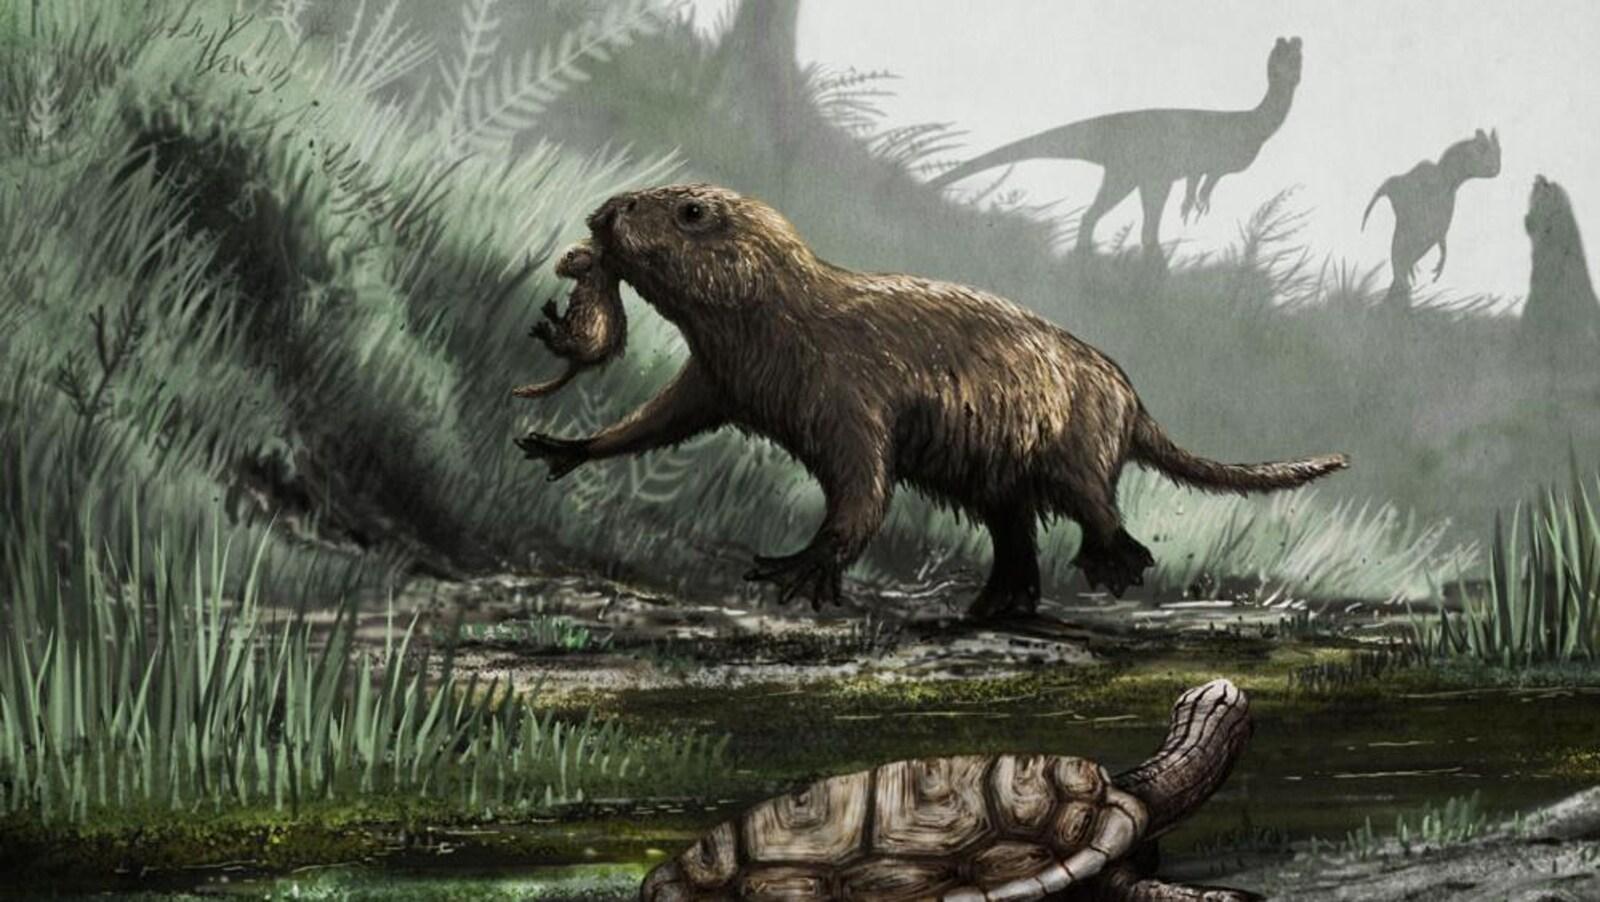 Représentation artistique de la vie d'un Kayentatherium, un mammifère semi-aquatique qui vivait à au Jurassique. À l'arrière apparaissent des Dilophosaurus, un prédateur redoutable de l'époque.